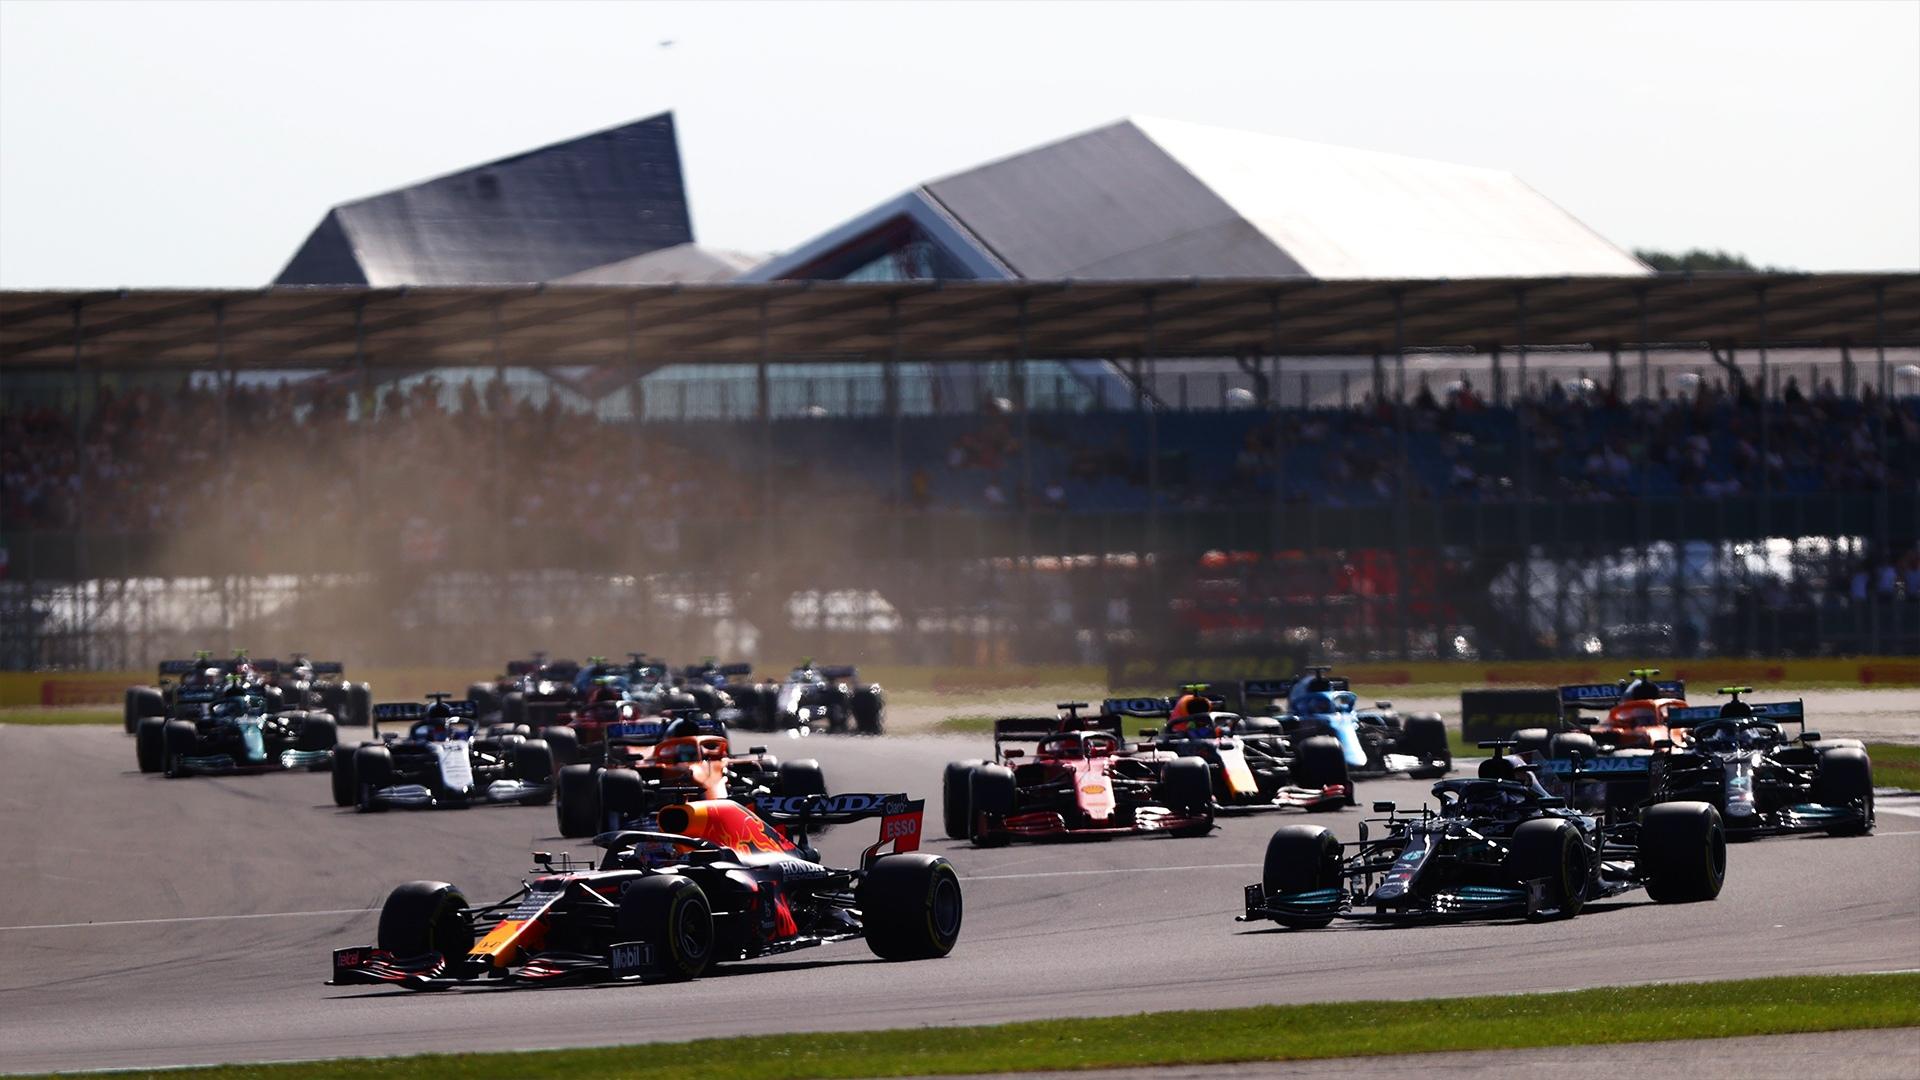 Первый спринт в истории Формулы-1 на автодроме Сильверстоун